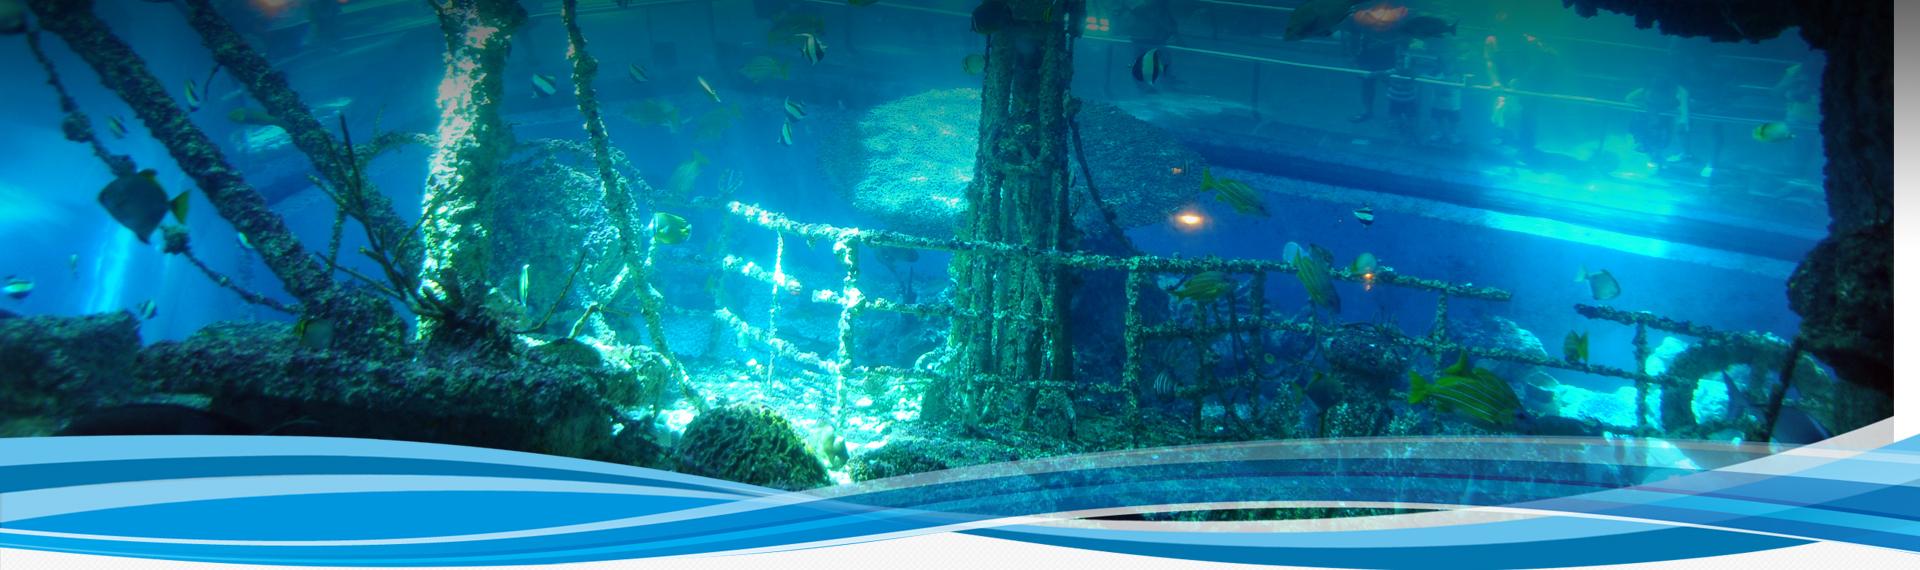 國立海洋生物博物館-展區內容介紹